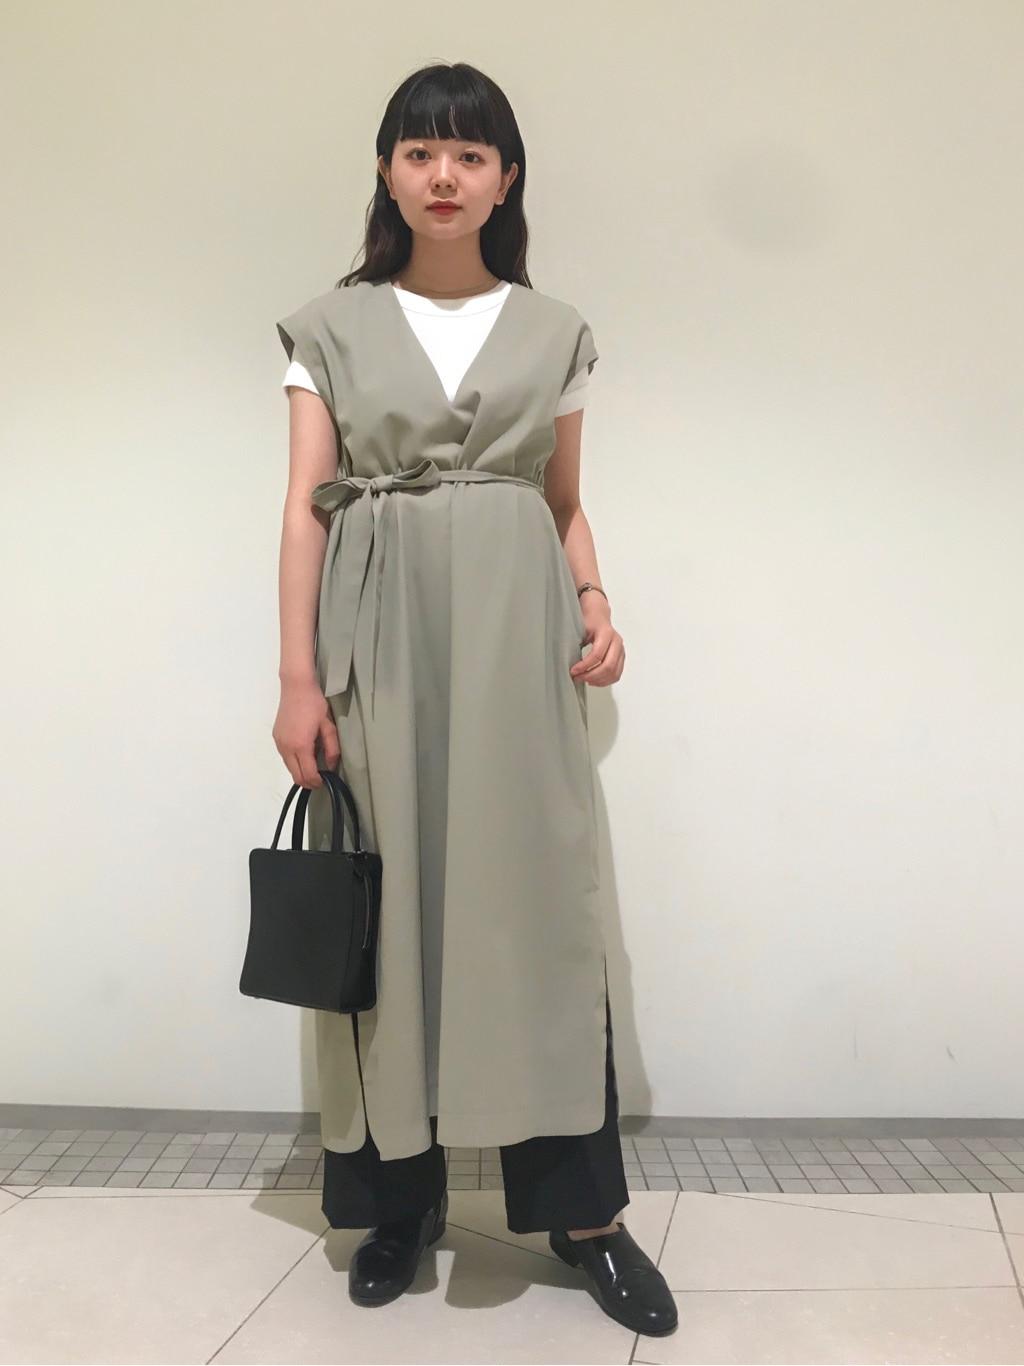 l'atelier du savon 東京スカイツリータウン・ソラマチ 身長:154cm 2020.07.21